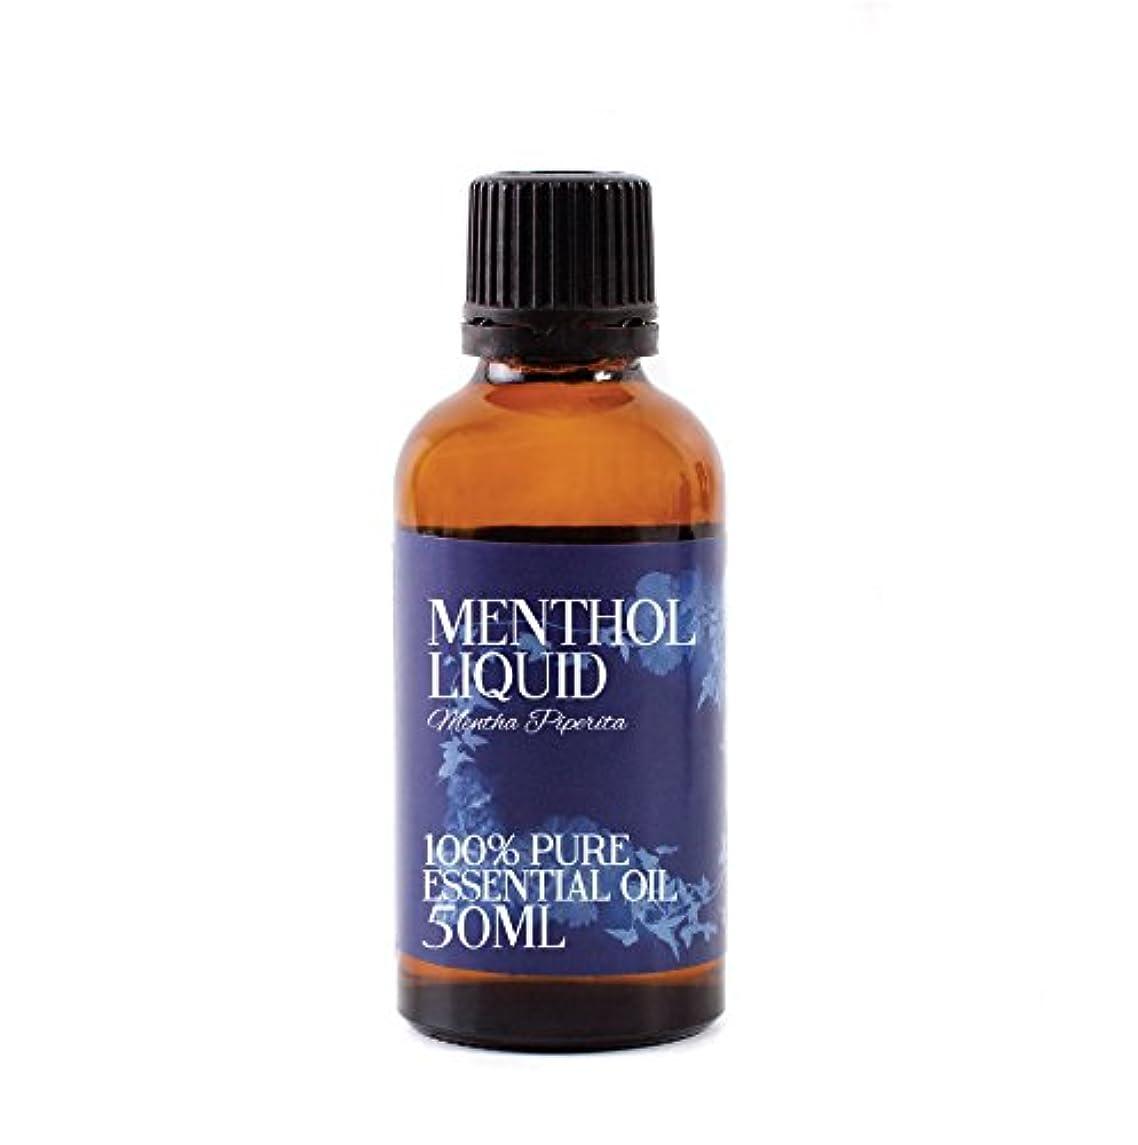 夢中推測するセットするMystic Moments | Menthol Liquid Essential Oil - 50ml - 100% Pure